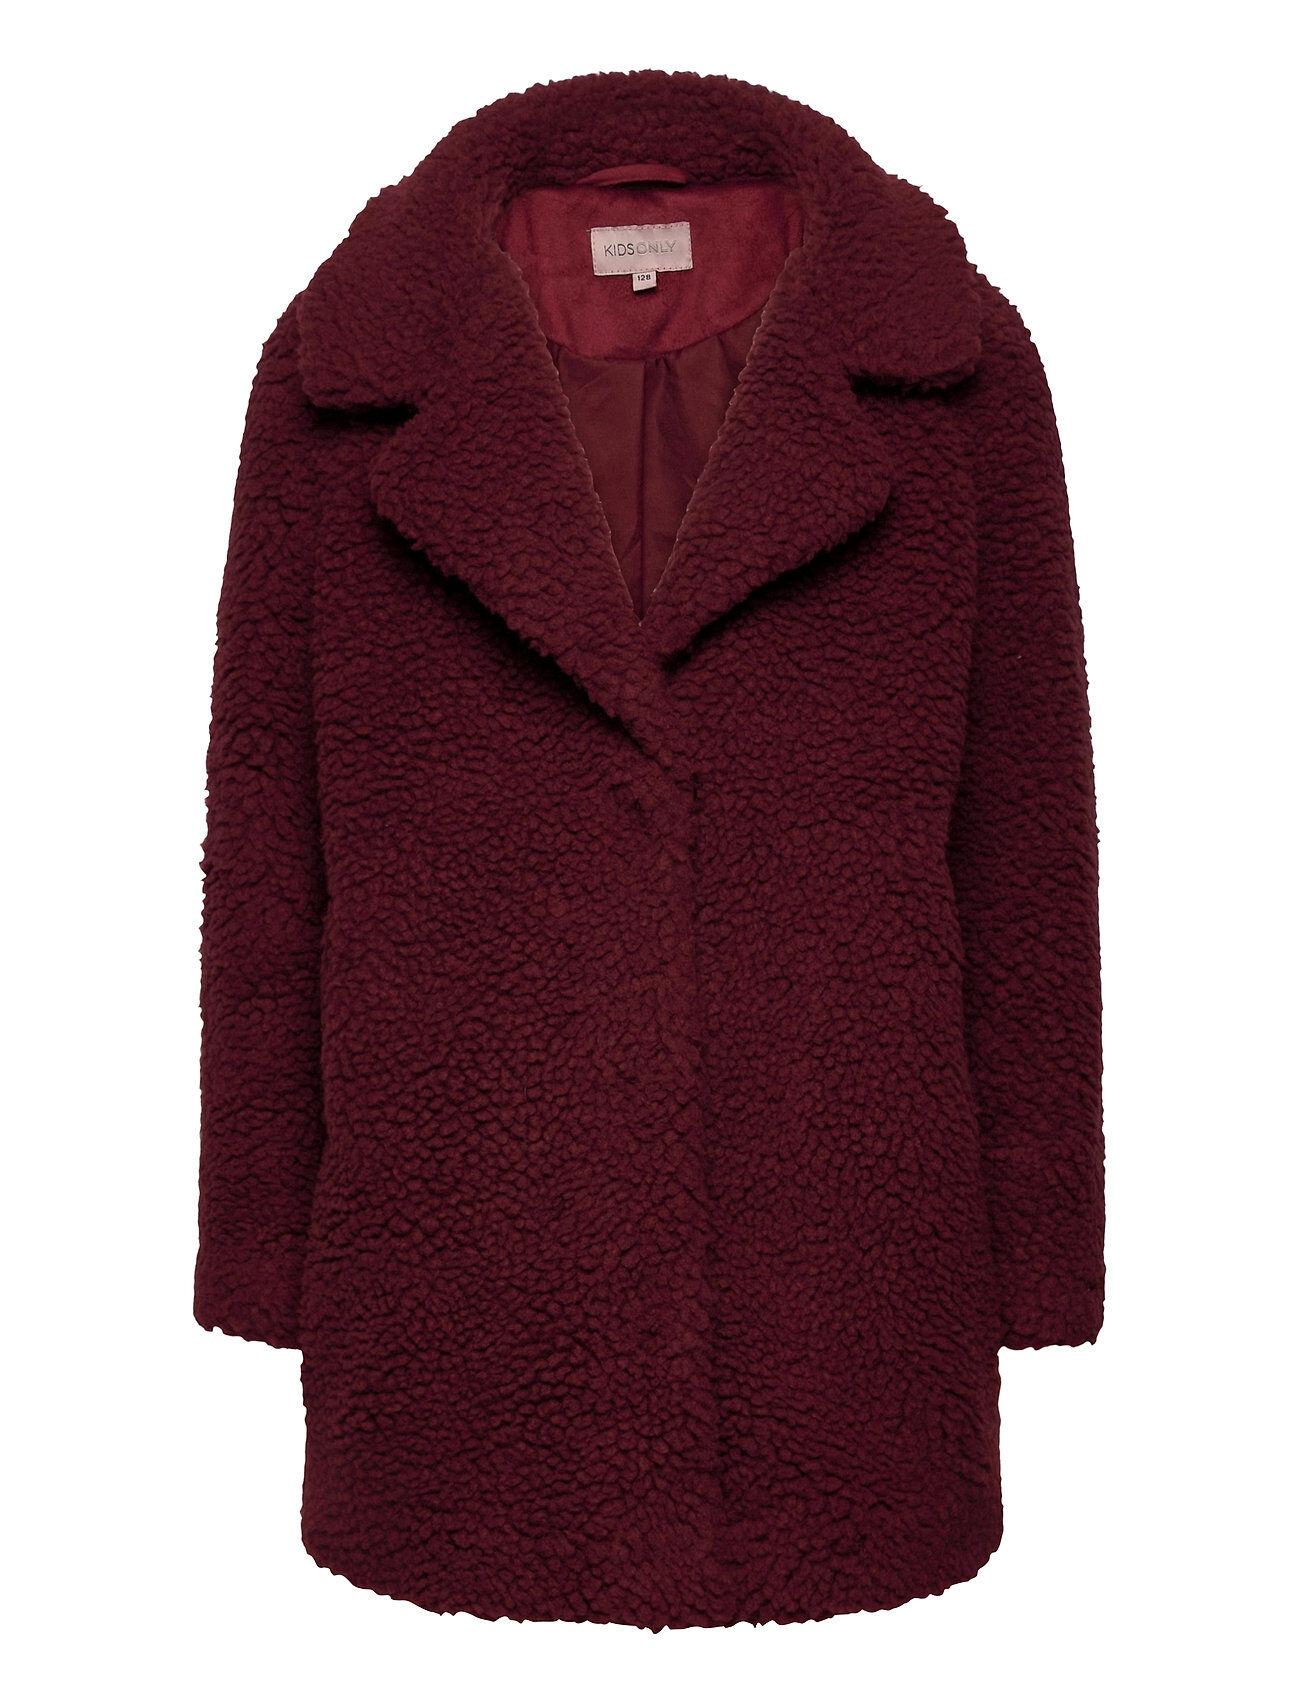 Kids Only Konnewaurelia Sherpaa Coat Cp Otw Outerwear Wool Outerwear Liila Kids Only